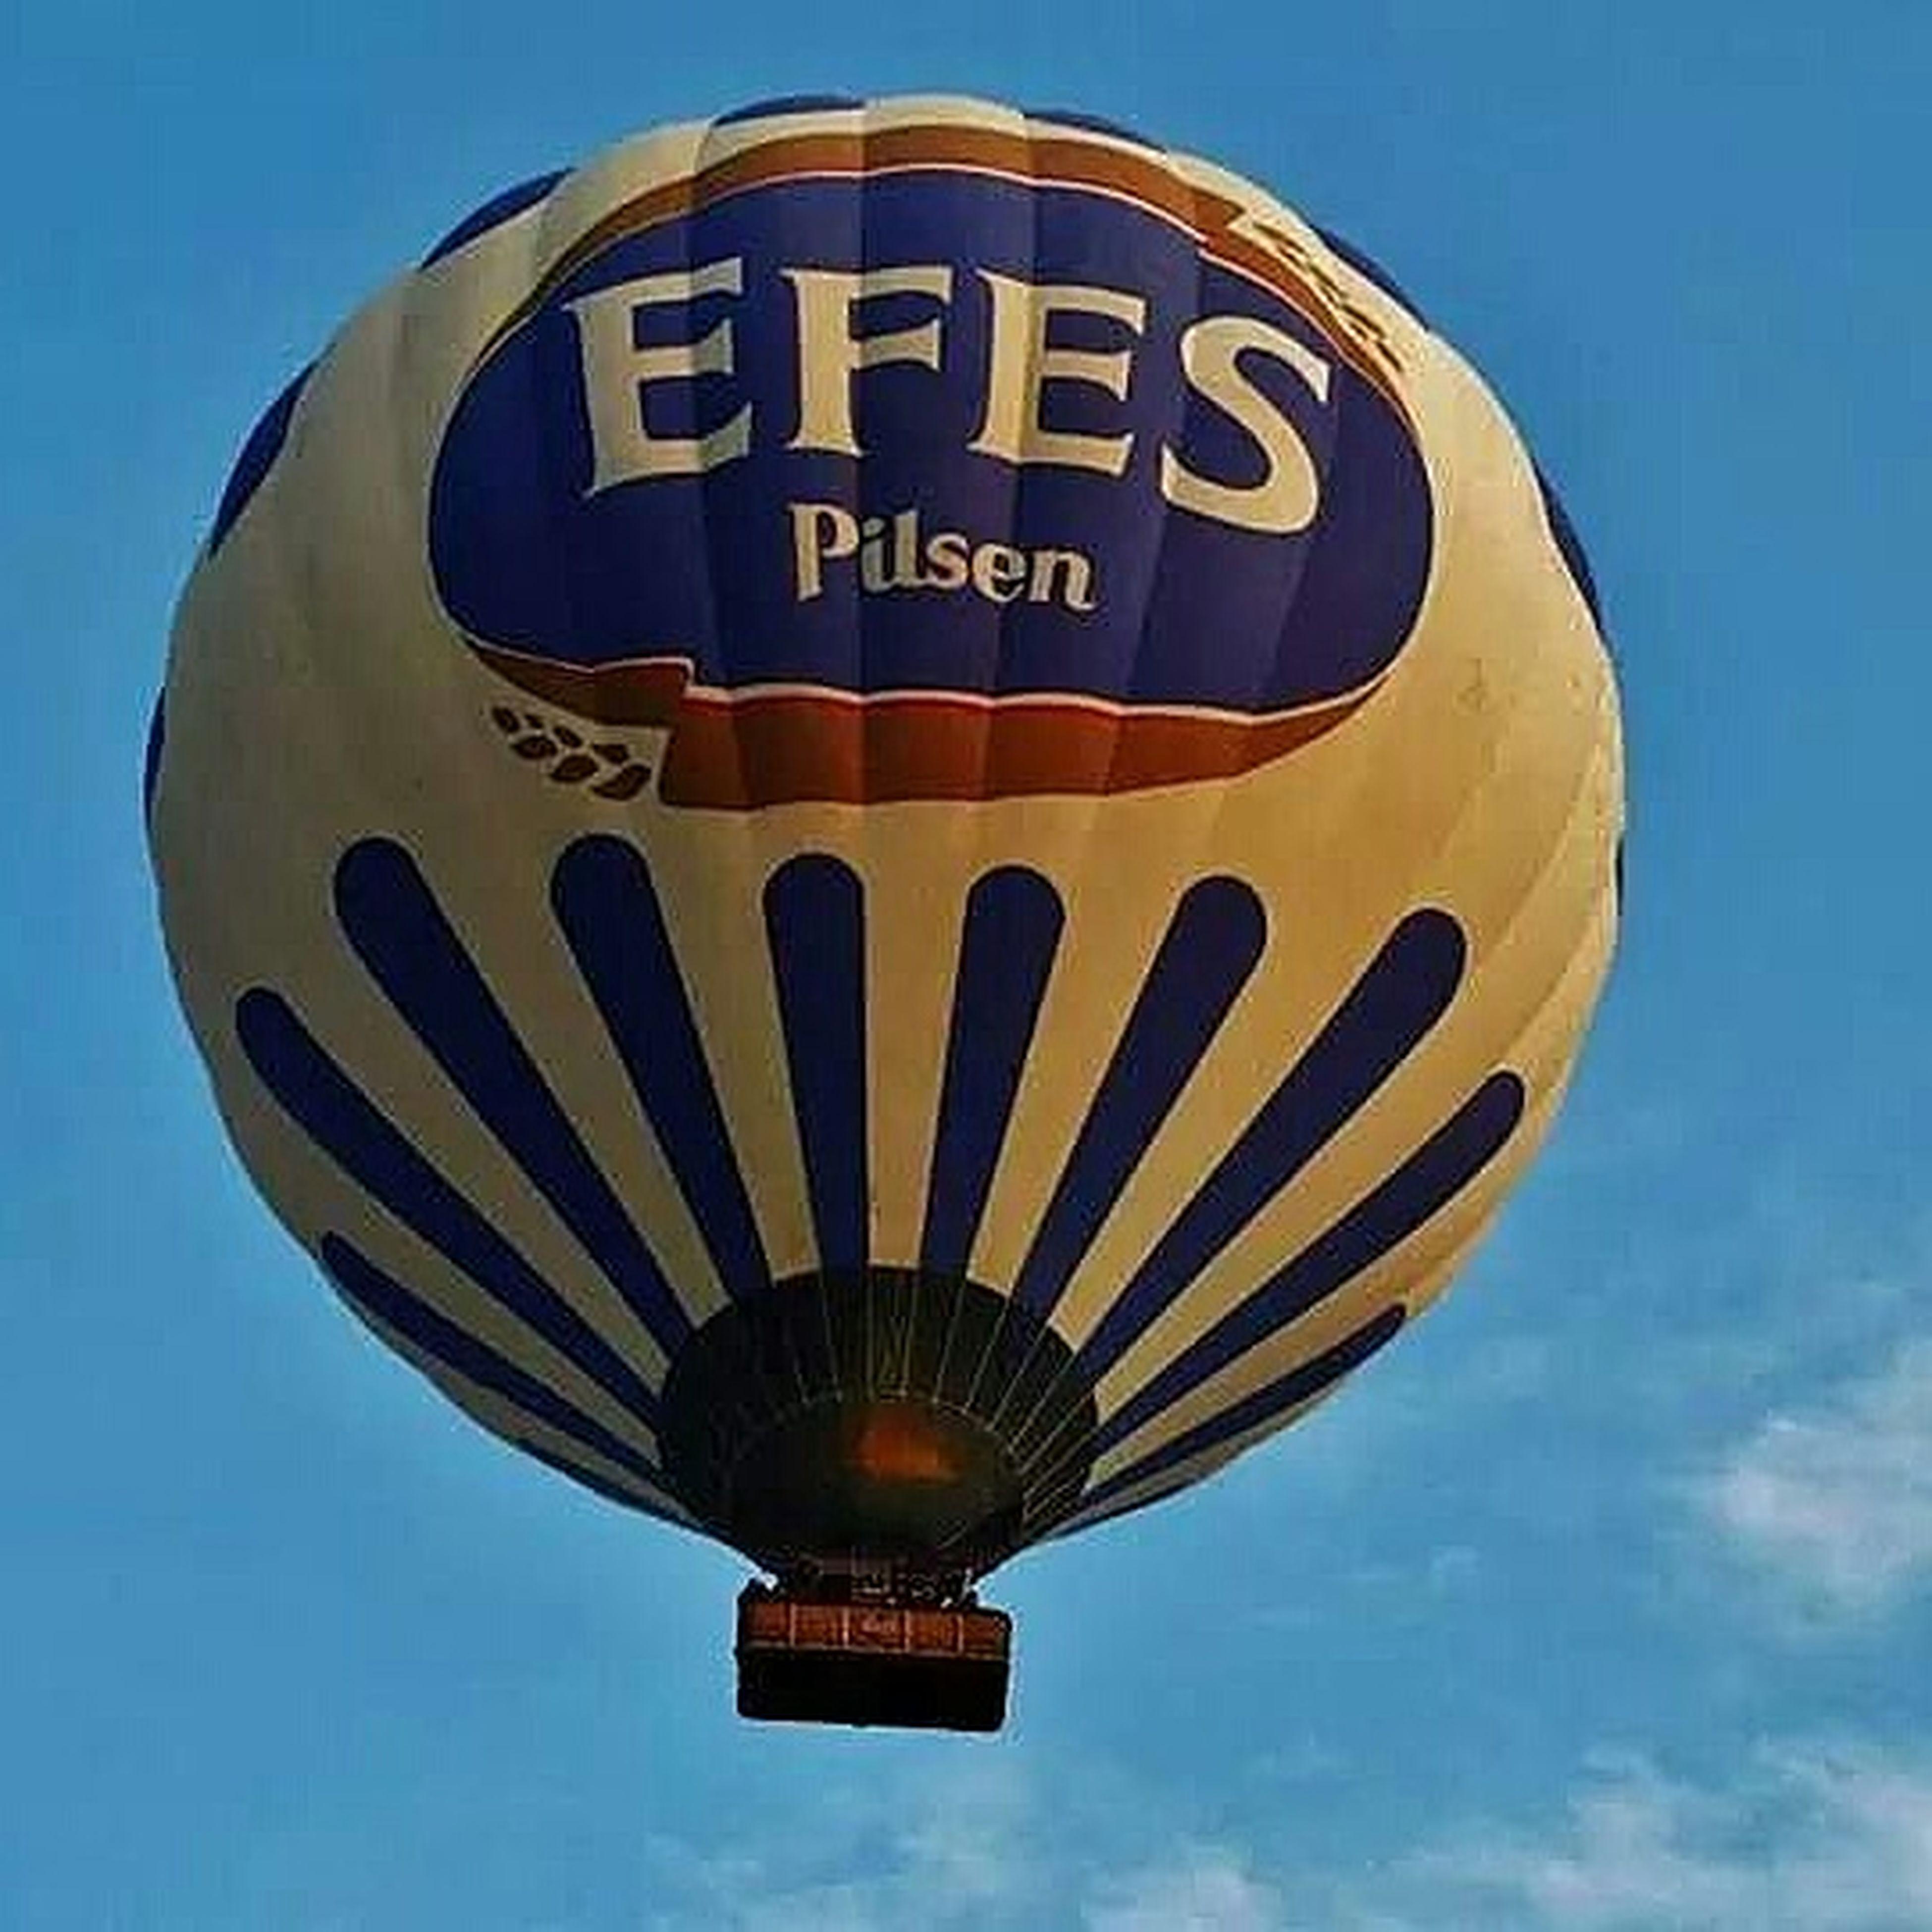 Kapadokya semalarında süzülen Efes Balonu :) Fujifilm X- S1